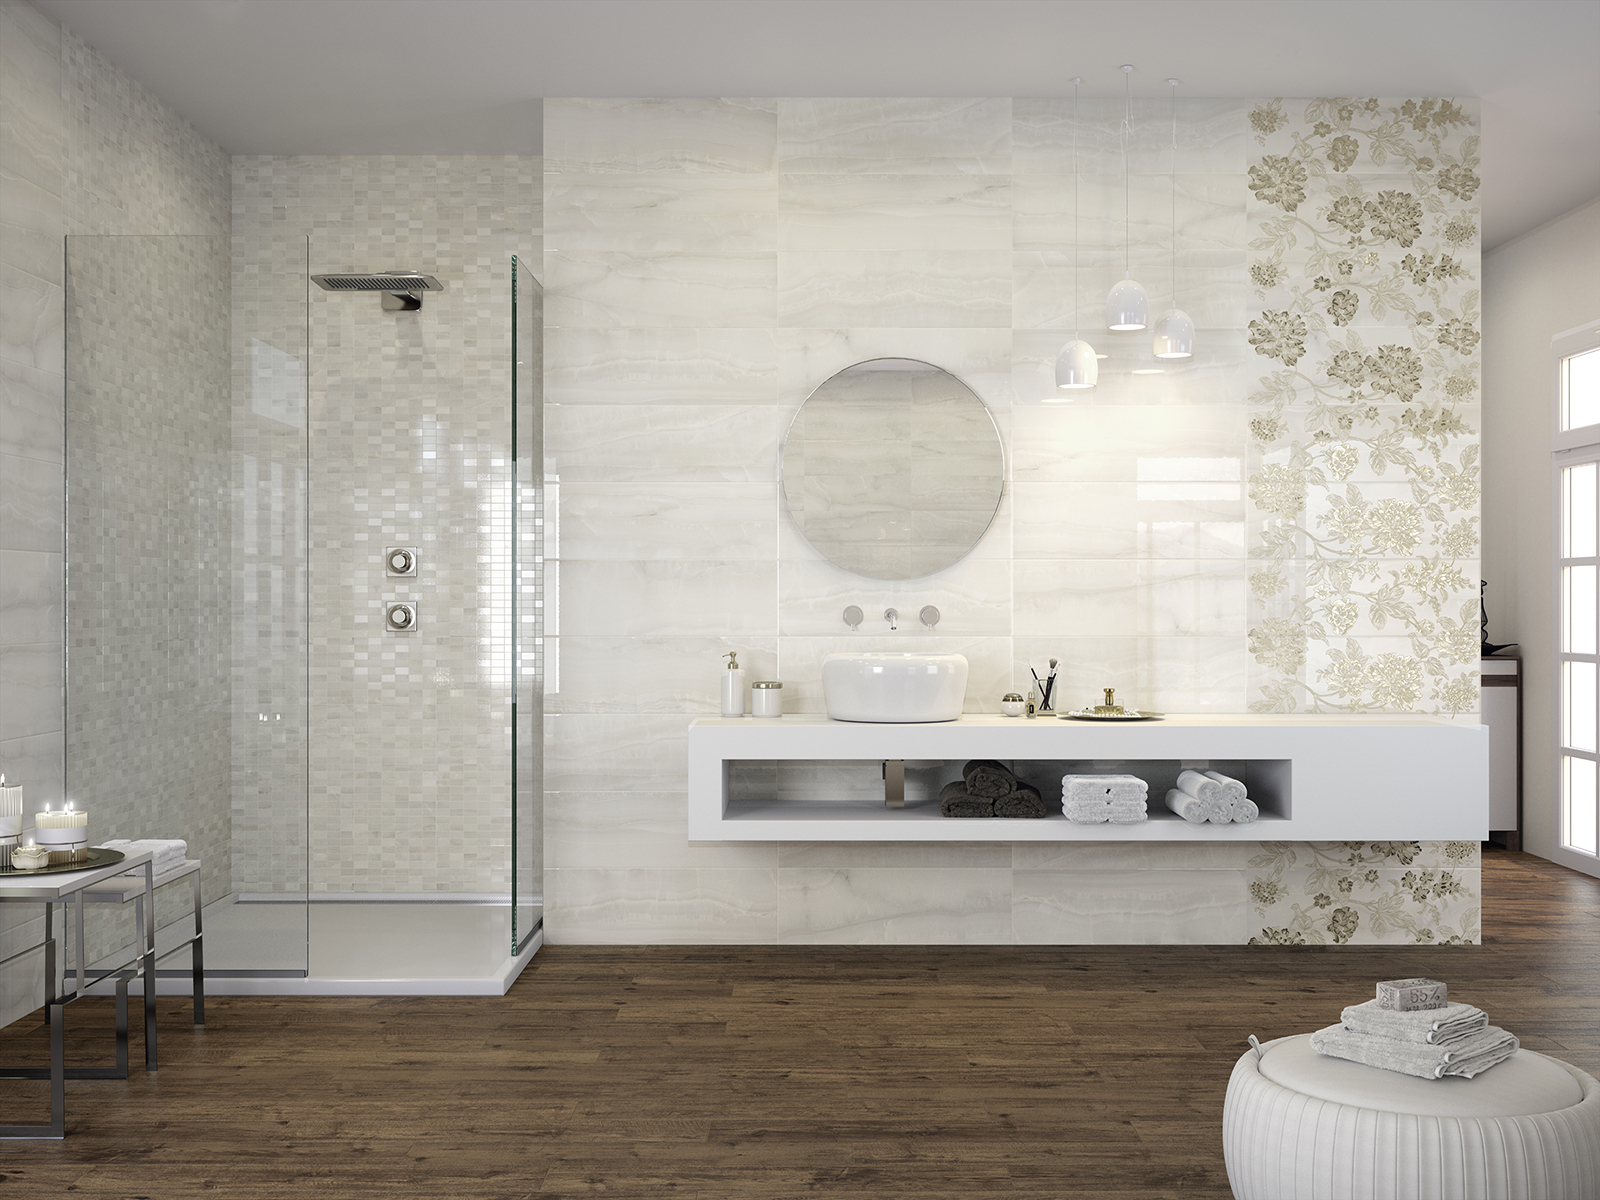 Piastrelle bagno marazzi effetto marmo: rivestimenti e pavimenti